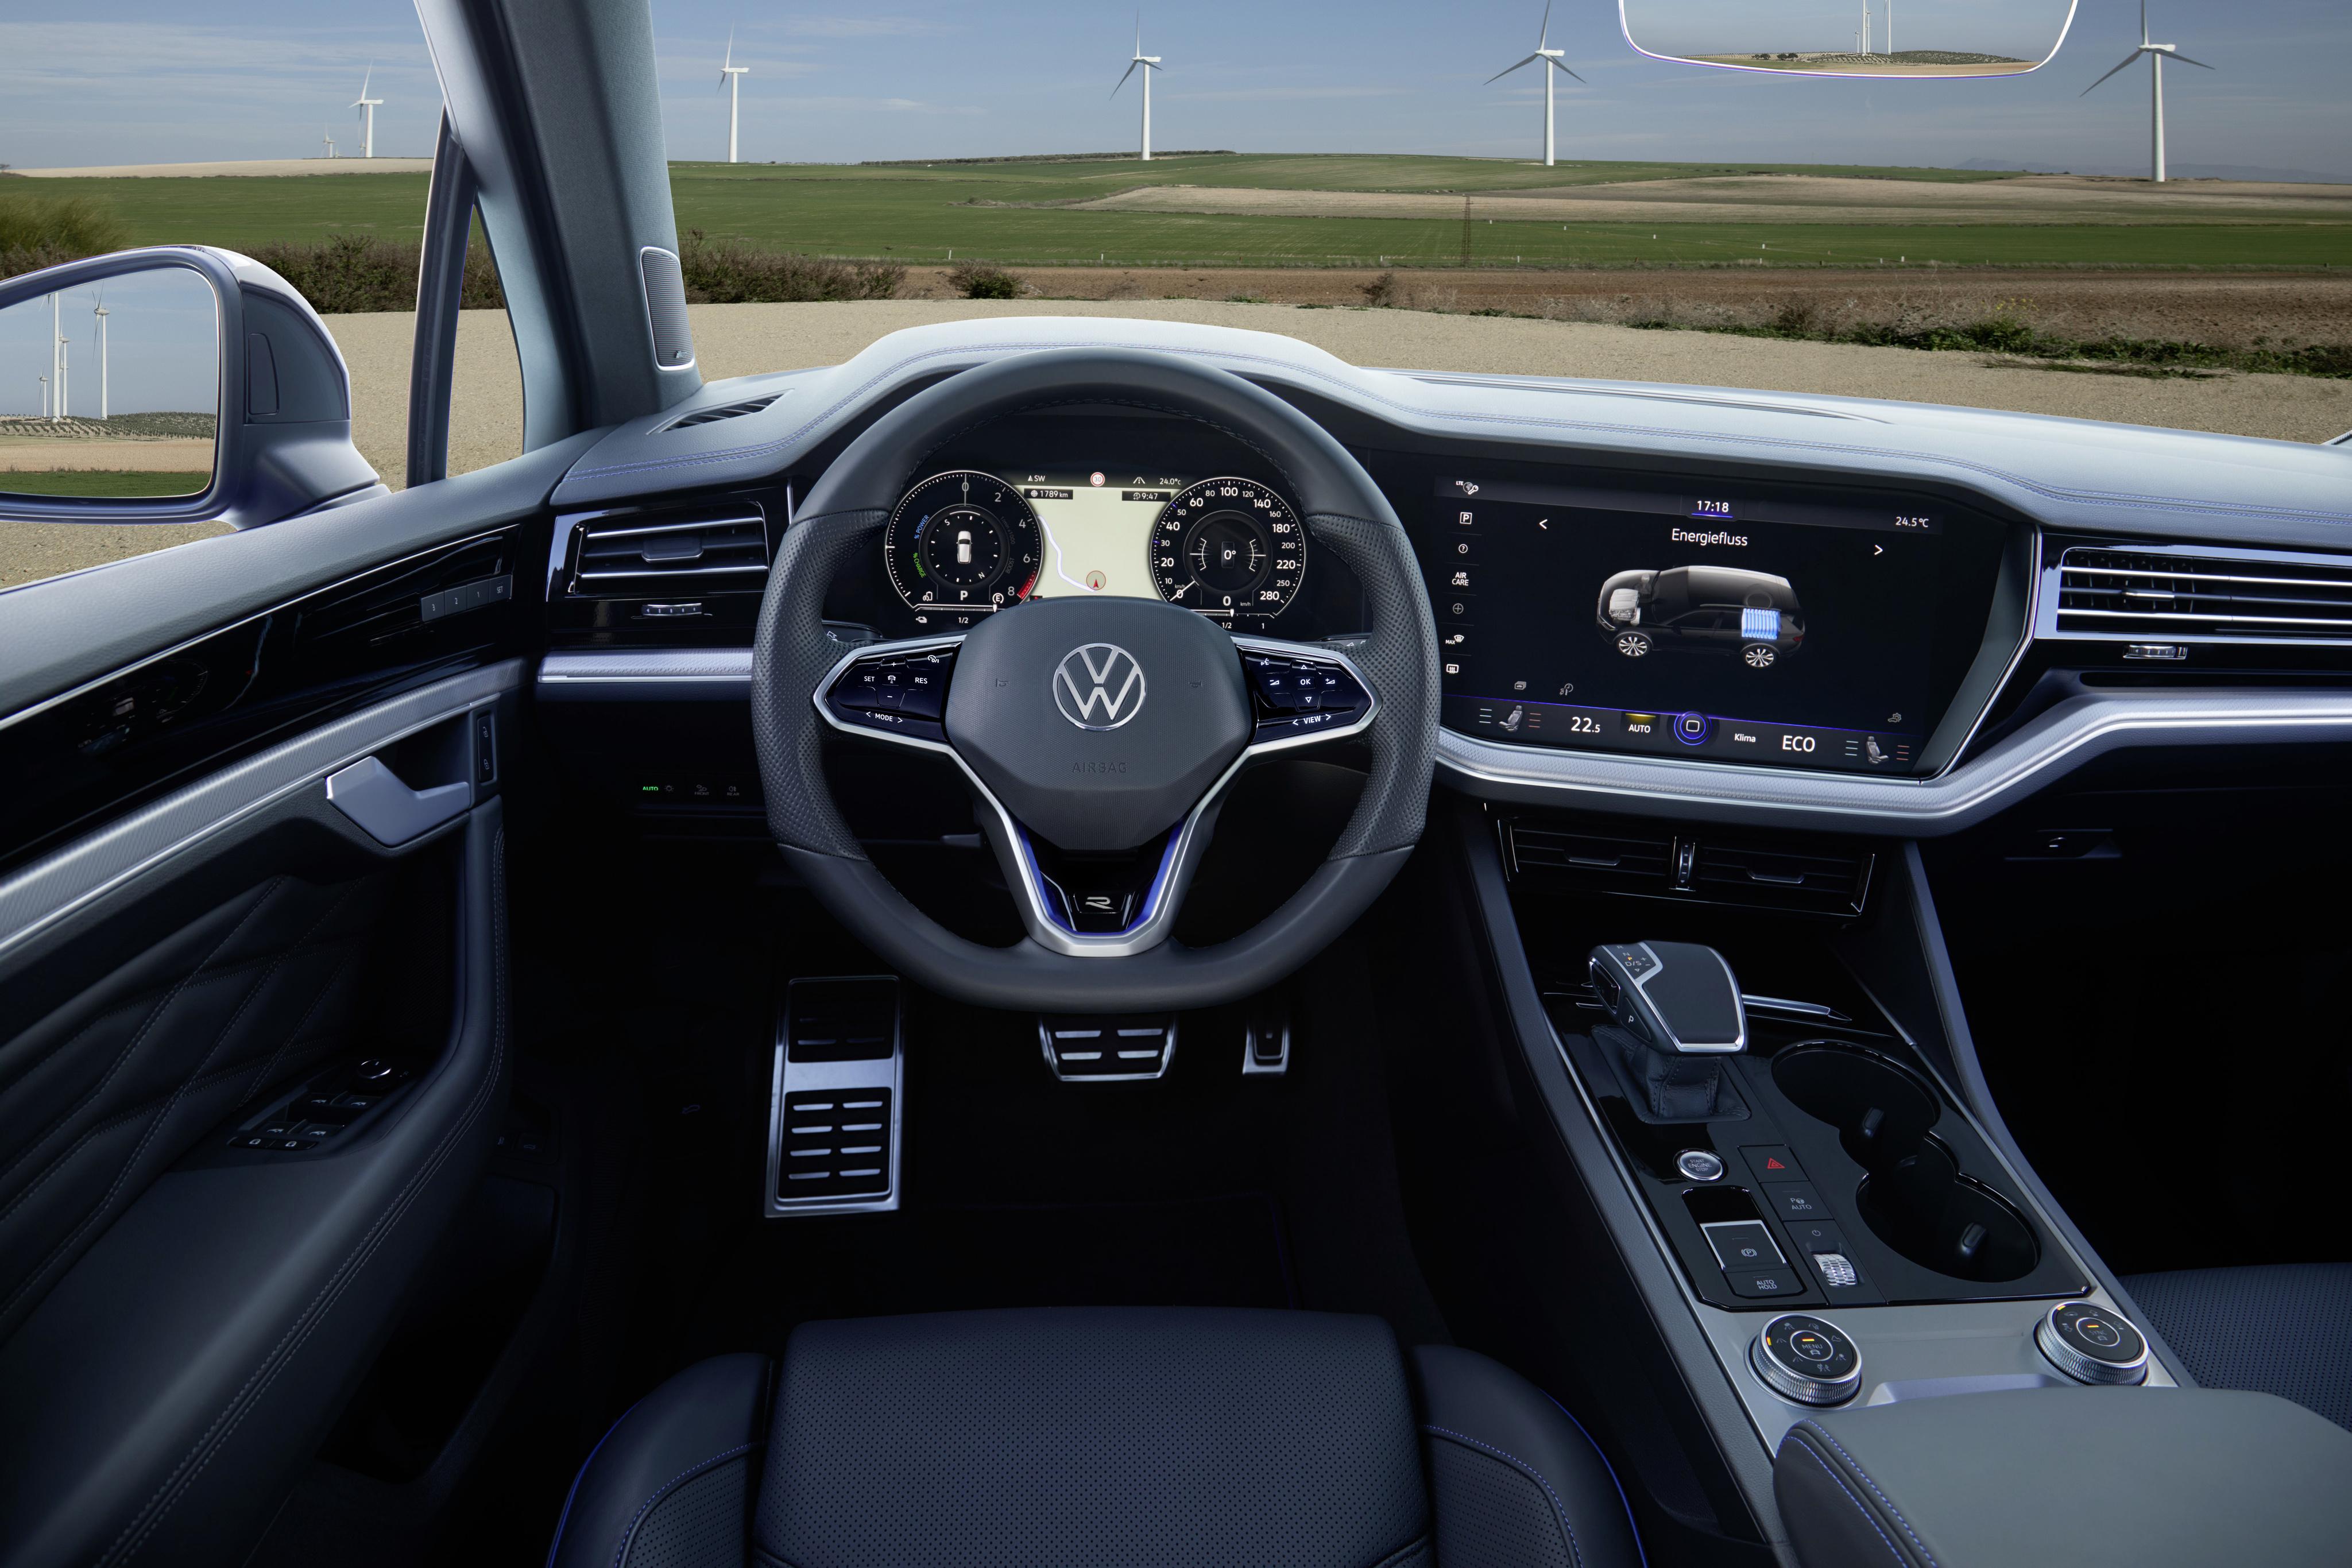 VW Touareg R interieur